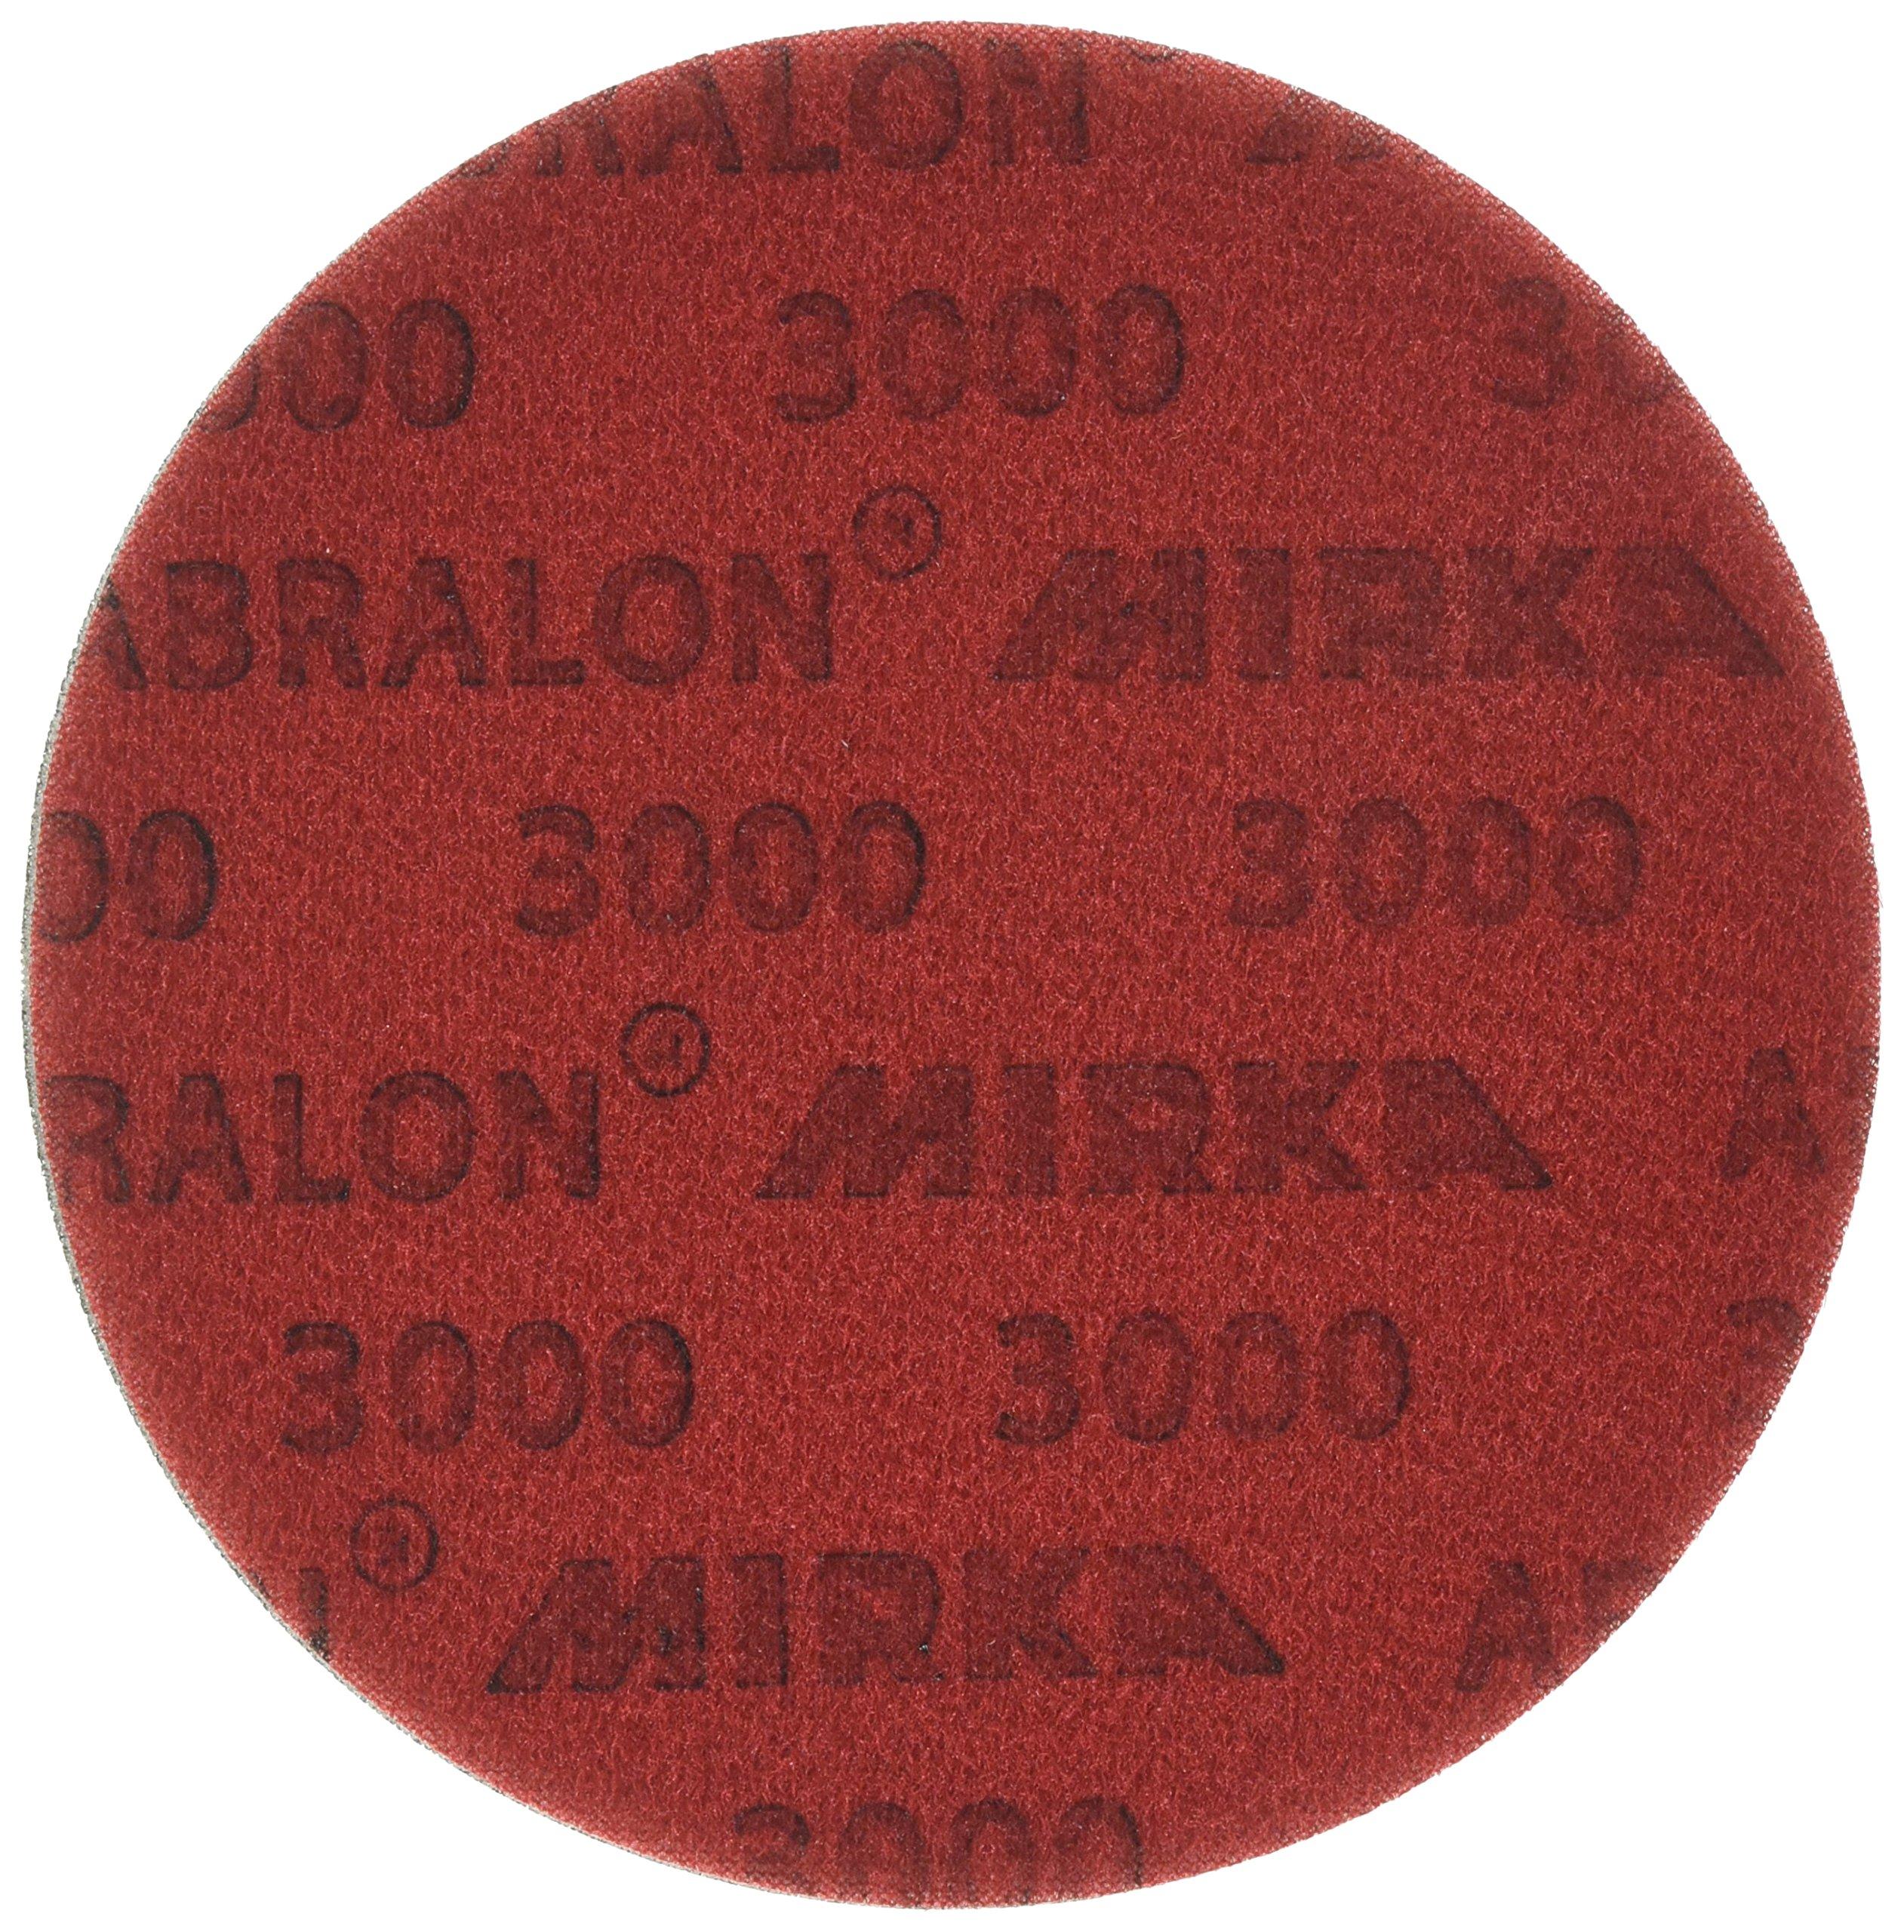 Mirka 8A-241-3000 Abralon 6'' 3000 Grit Foam Backed Velcro Hook & Loop Polishing & Buffing Discs 8A-203-3000 Box of 20 Discs by Mirka